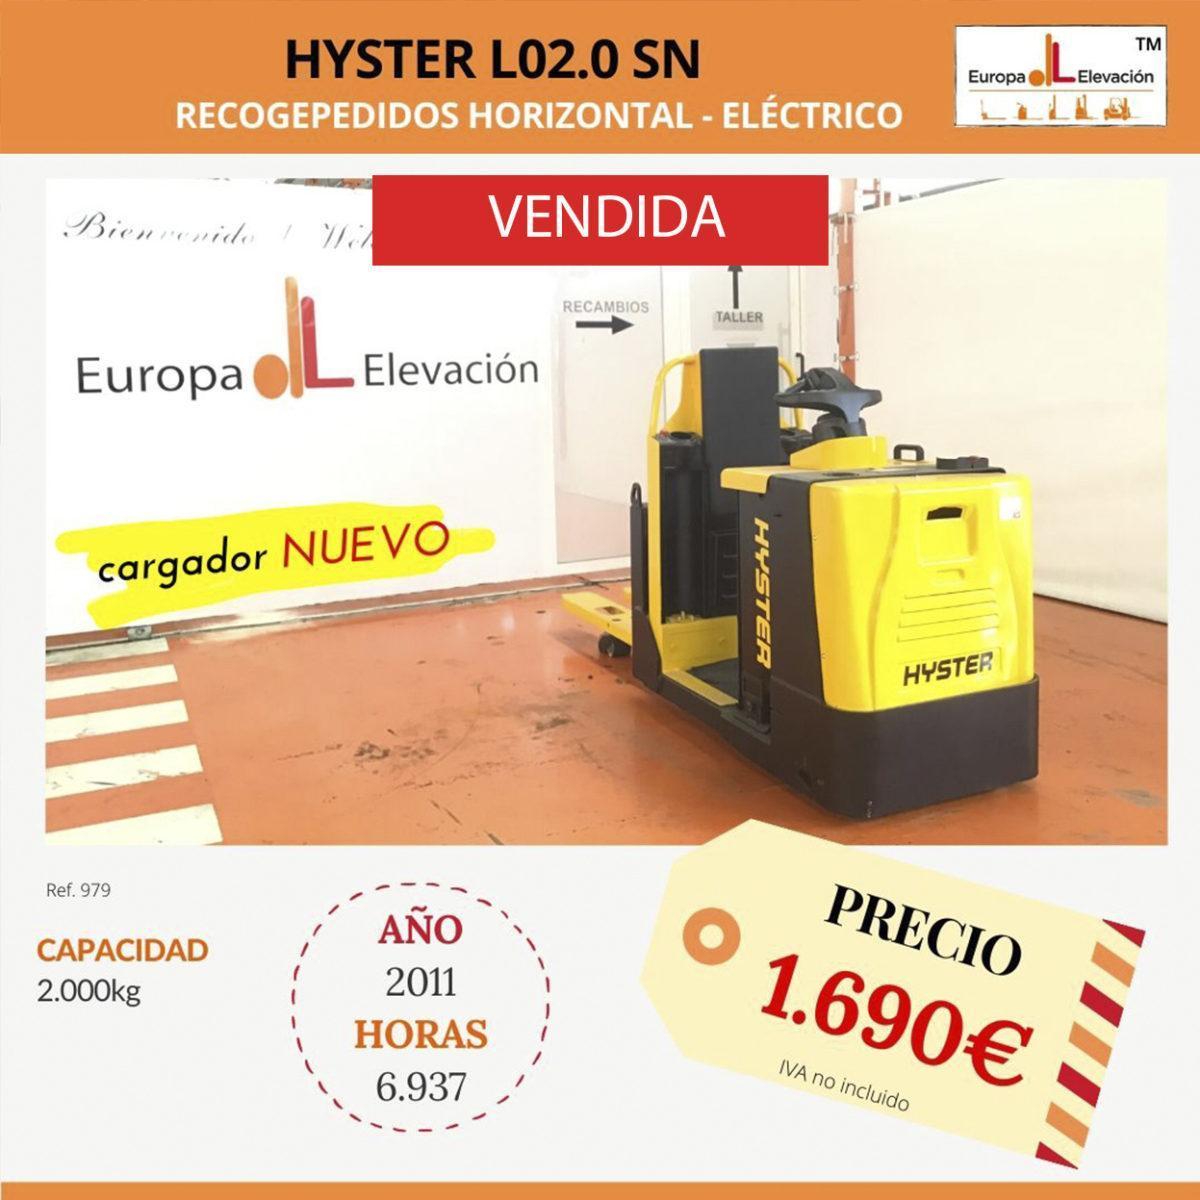 979 Hyster recogepedidos eléctrico Europa Elevación (1) VENDIDA